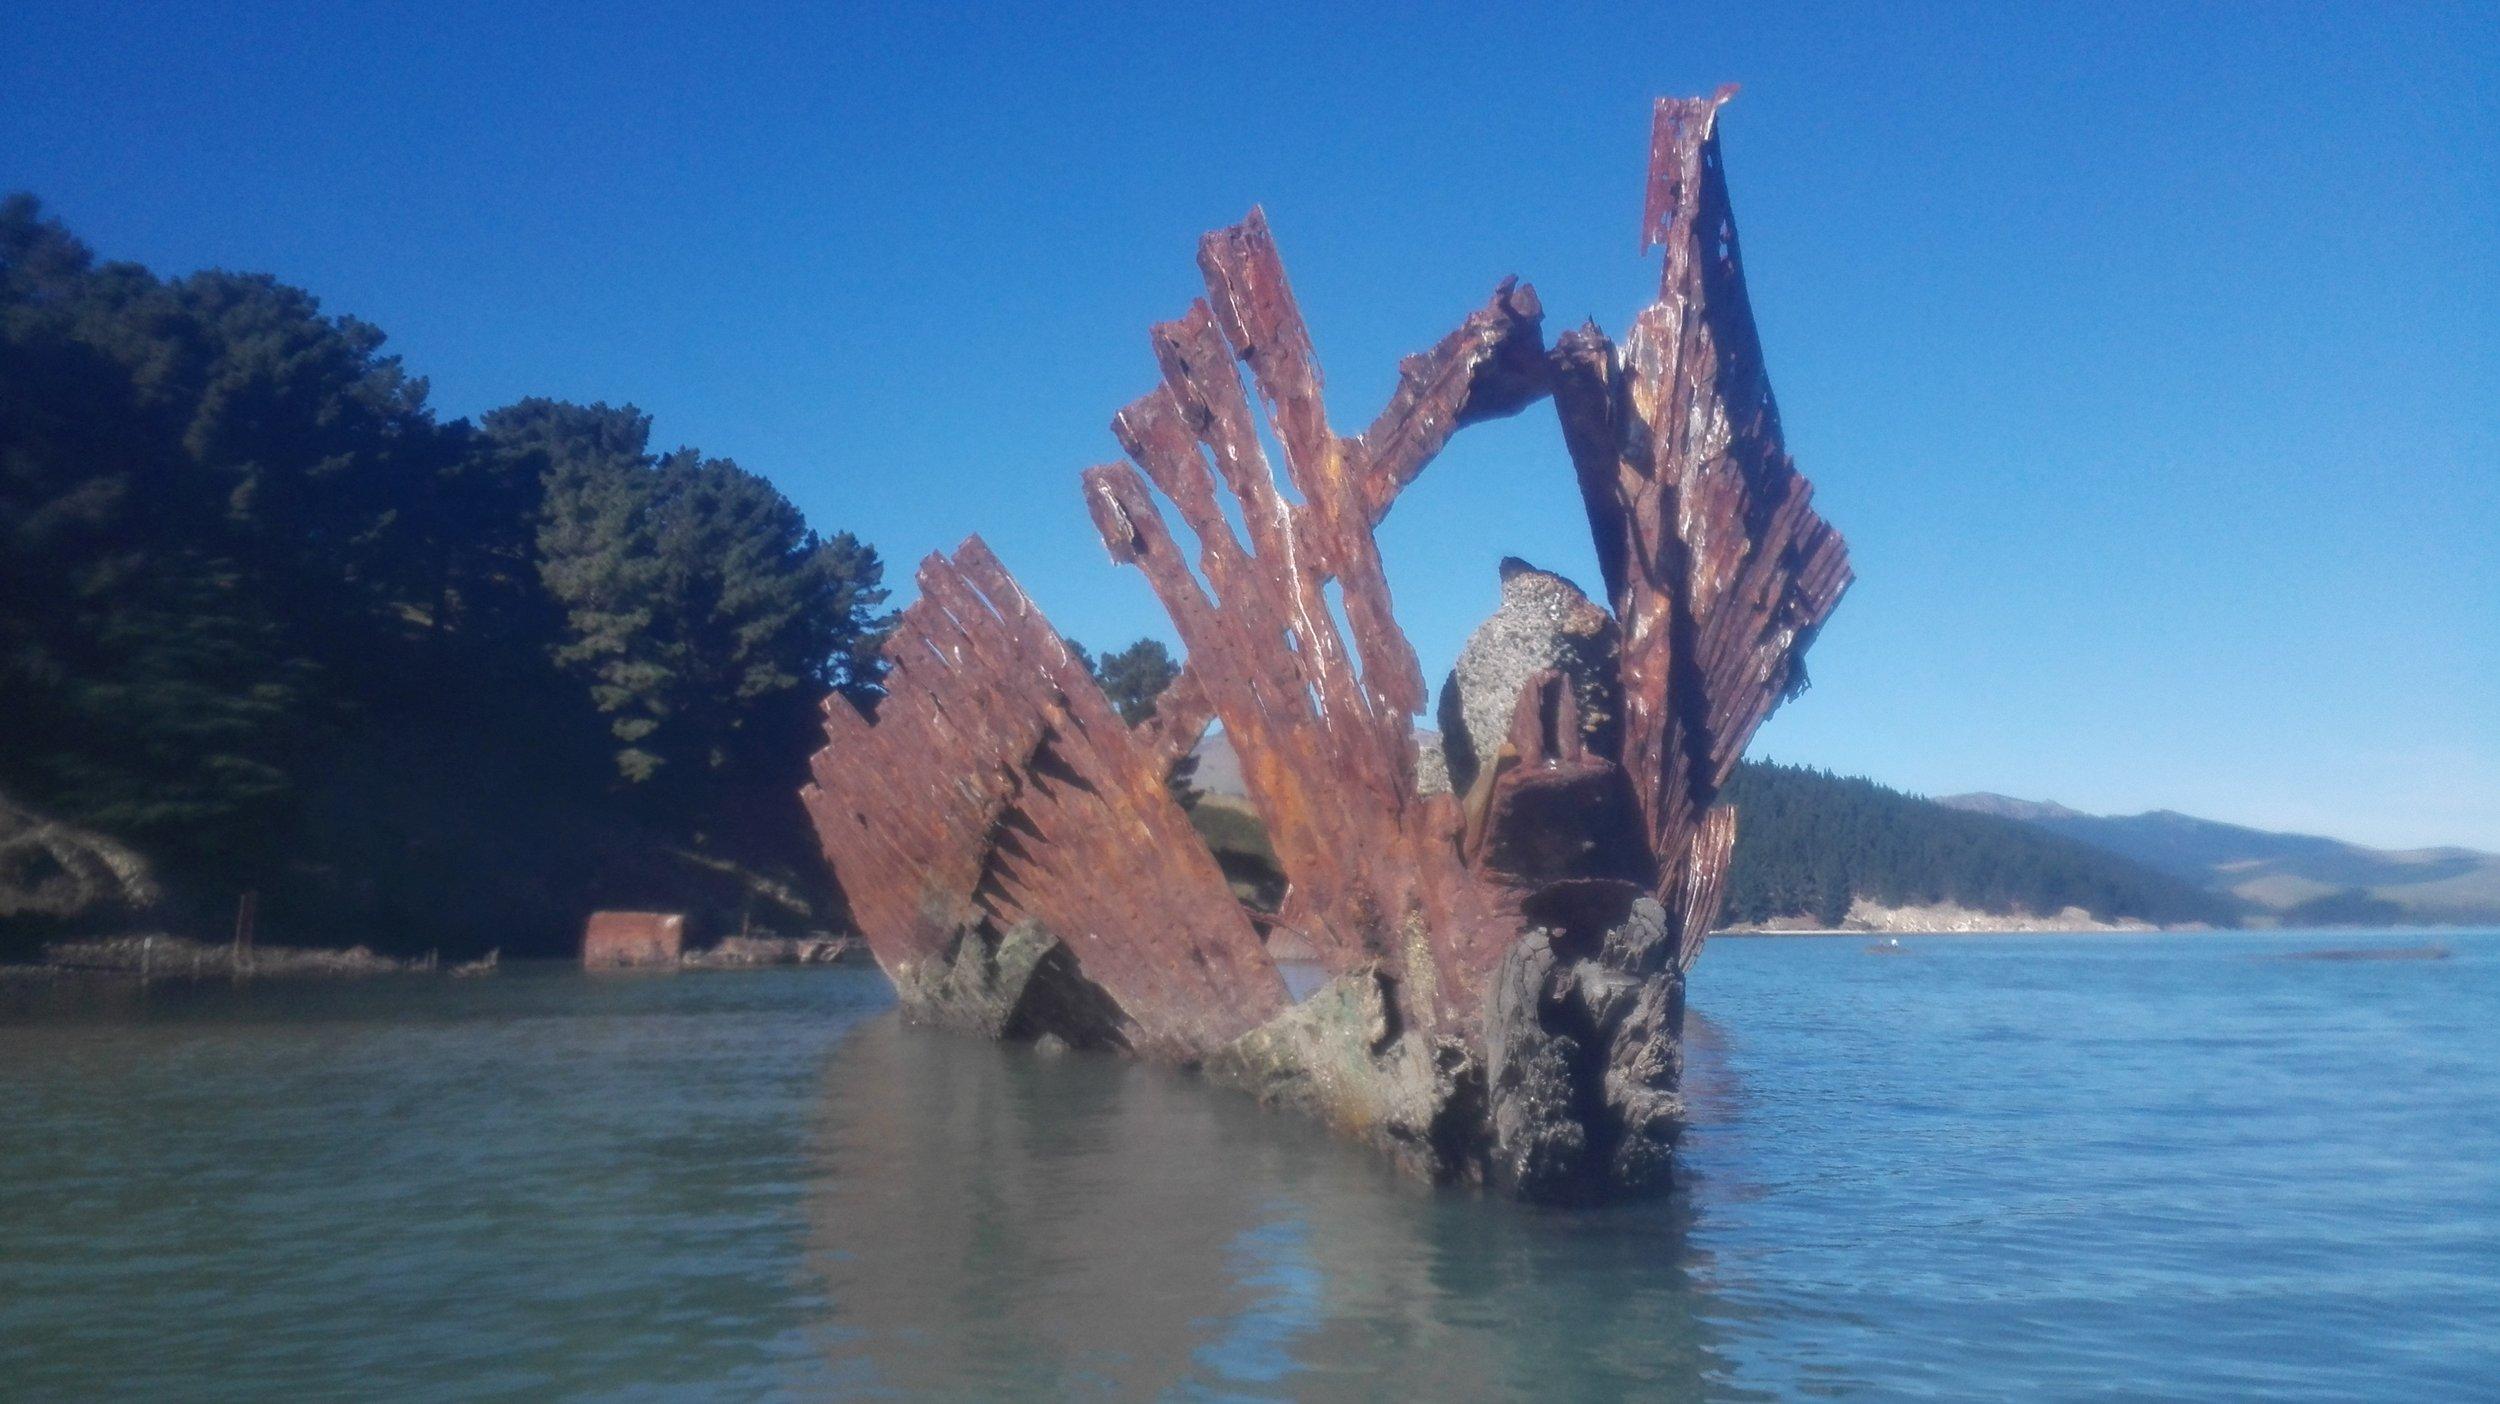 4-wreck-Quail-Island-Lyttelton.jpg